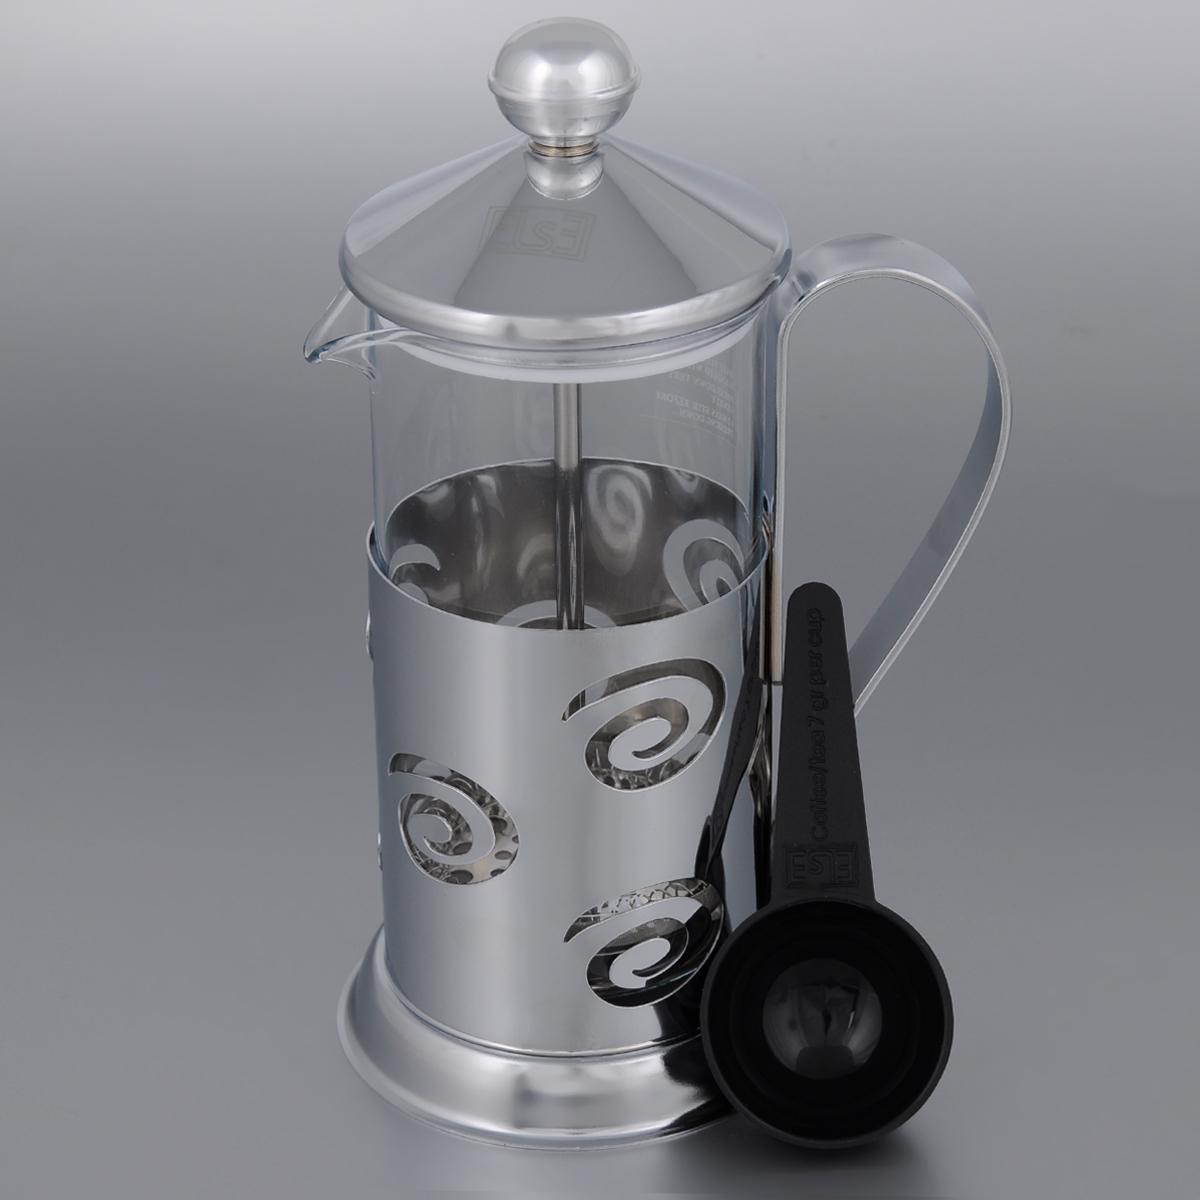 Френч-пресс Else Monaco, с ложкой, 350 мл1882Френч-пресс Else Monaco поможет приготовить вкусный ароматный чай или кофе. Им очень легко пользоваться: засыпьте внутрь заварку, залейте водой, накройте крышкой с поднятым поршнем, дайте настояться и затем медленно опустите поршень. Таким образом напиток заваривается без чаинок. Колба изготовлена из жаропрочного стекла, устойчивого к царапинам и термошоку. Колба выполнена по технологии антикапля: верхний край и носик имеют специальный усиленный ободок, который препятствует скатыванию капель по наружной стенке чайника. Капля не падает с носика чайника, а втягивается обратно. Корпус френч-пресса выполнен из нержавеющей стали с хромированным покрытием и украшен перфорацией в виде спиралей. Точечная спайка металлических частей производится по технологии invisible, которая делает места соединения деталей незаметными. Полировка с использованием специальных паст на основе натуральных компонентов придает изделию ослепительный блеск. Идеально отшлифованные поверхности и элементы приятны на ощупь, обладают меньшей теплопроводностью и высокими грязеотталкивающими свойствами. Крышка френч-пресса изнутри покрыта пищевым нетоксичным пластиком. Это соответствует гигиеническим требованиям, способствует сохранению тепла и препятствует чрезмерному нагреву самой крышки. Диаметр колбы: 7 см. Высота френч-пресса: 20 см. Диаметр основания френч-пресса: 9 см. Длина ложки: 10 см.